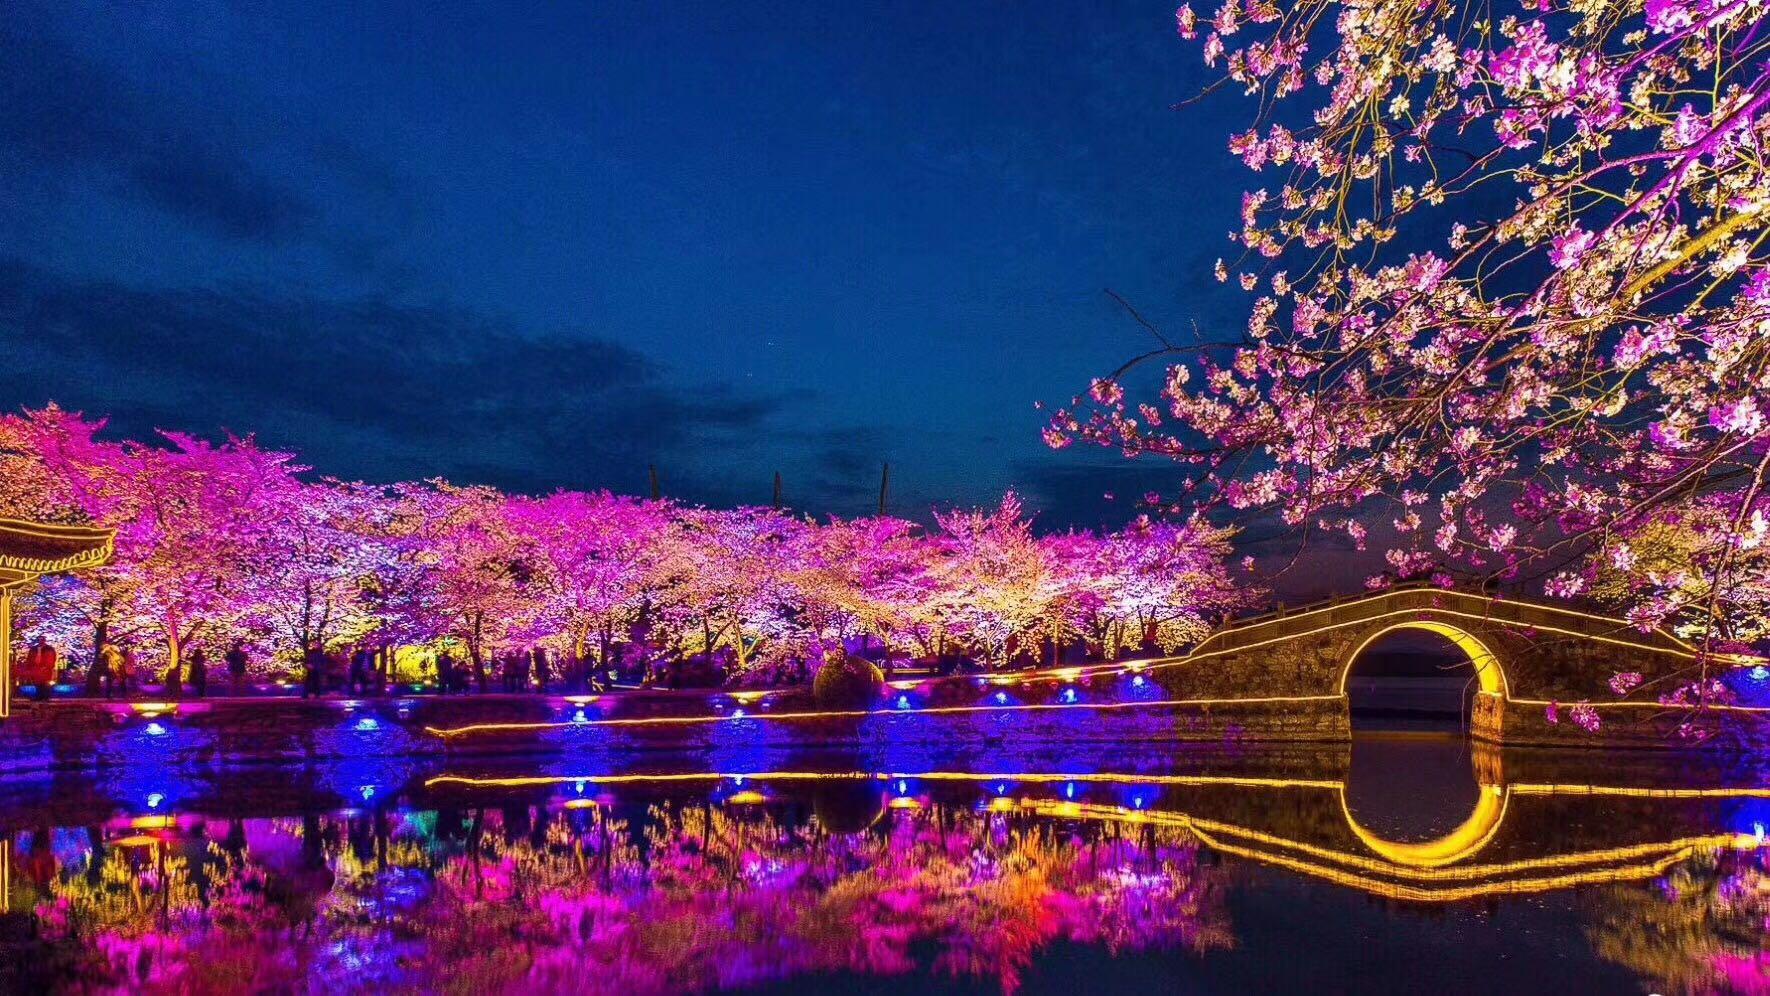 从3月24日至4月12日,无锡太湖鼋头渚景区樱花谷的国际风情大舞台将在